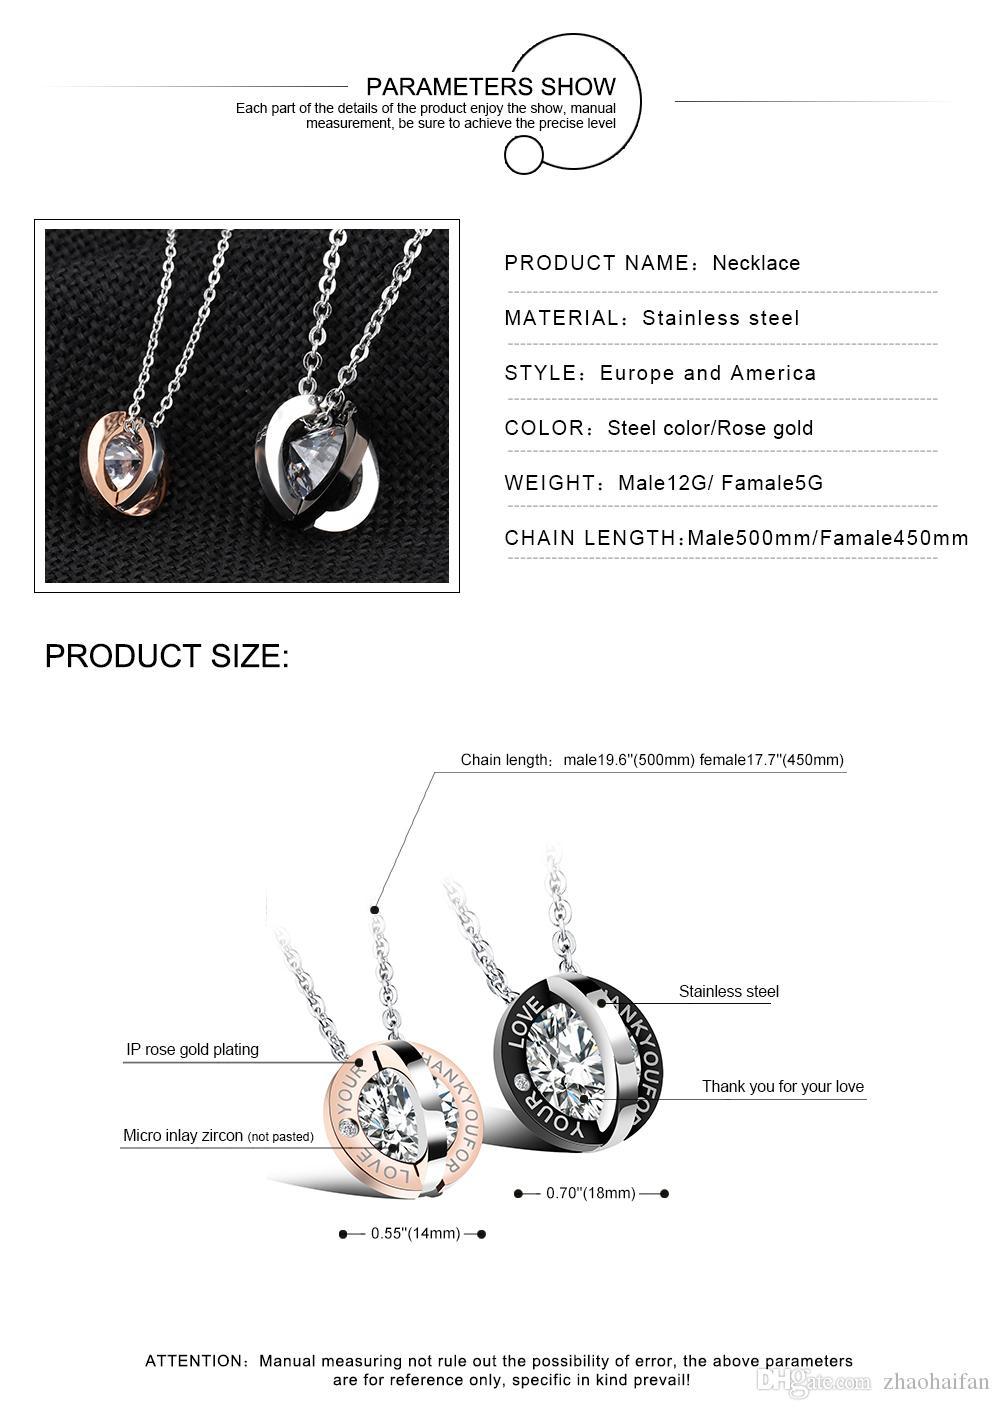 Modeschmuck Paar Zubehör Edelstahl Rose Gold Plated Intarsien CZ Diamant Gliederkette Liebhaber Anhänger Halskette GX1109